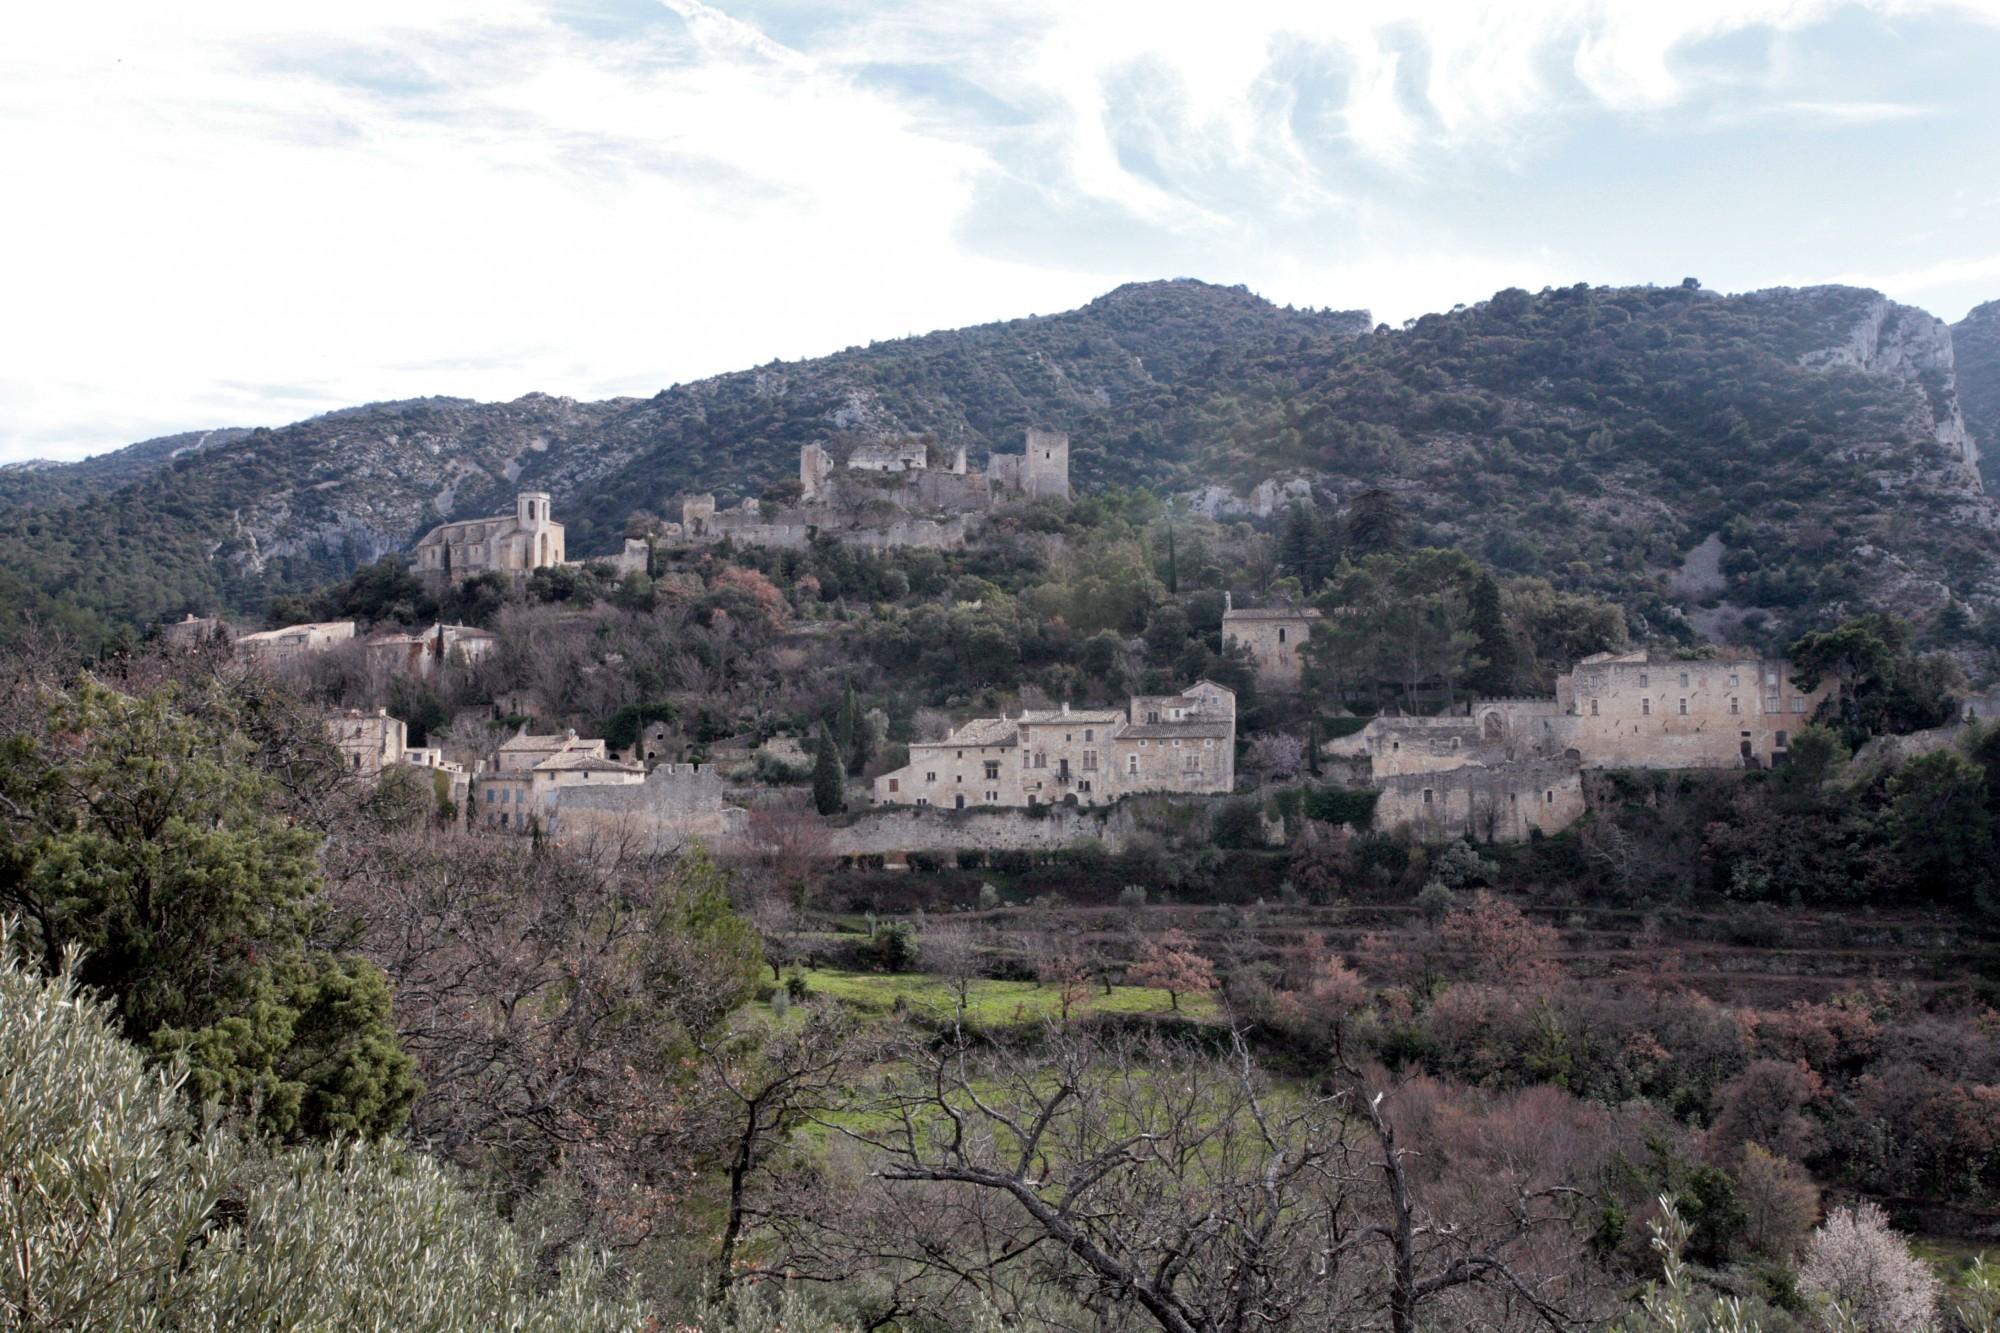 Le village d'Oppède-le-Vieux dans le Luberon